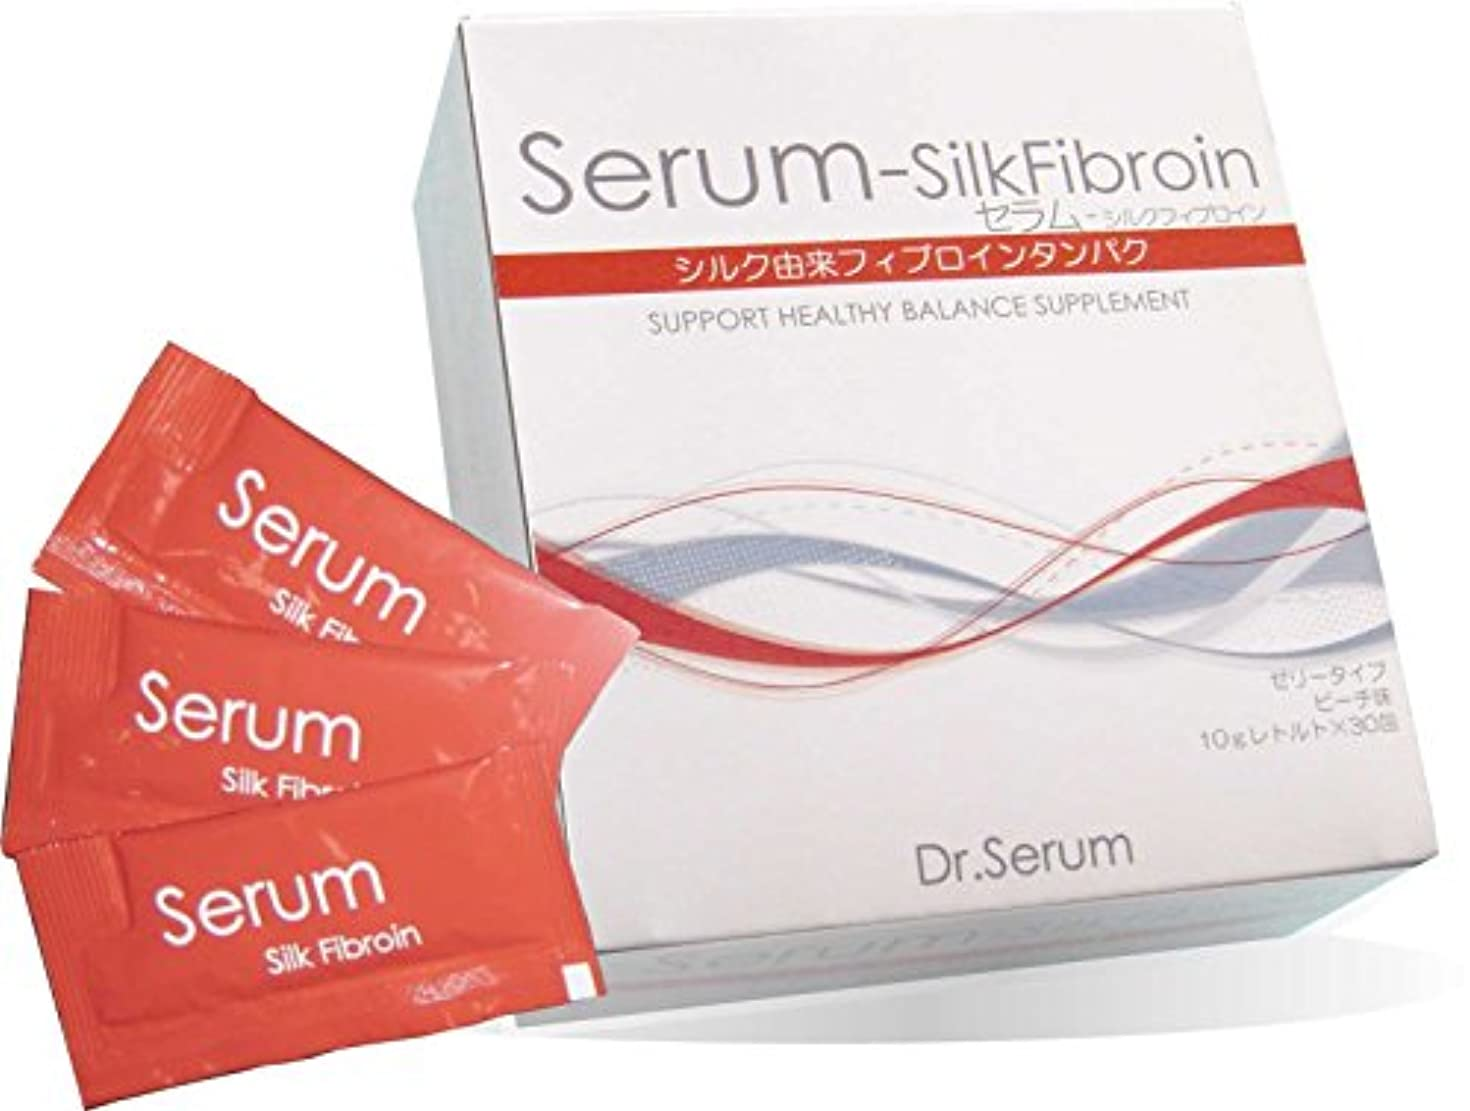 女優すばらしいです免疫【Silk Fibroin】セラム-シルクフィブロイン 10g×30包×3箱セット 特許取得の食べるシルクダイエット